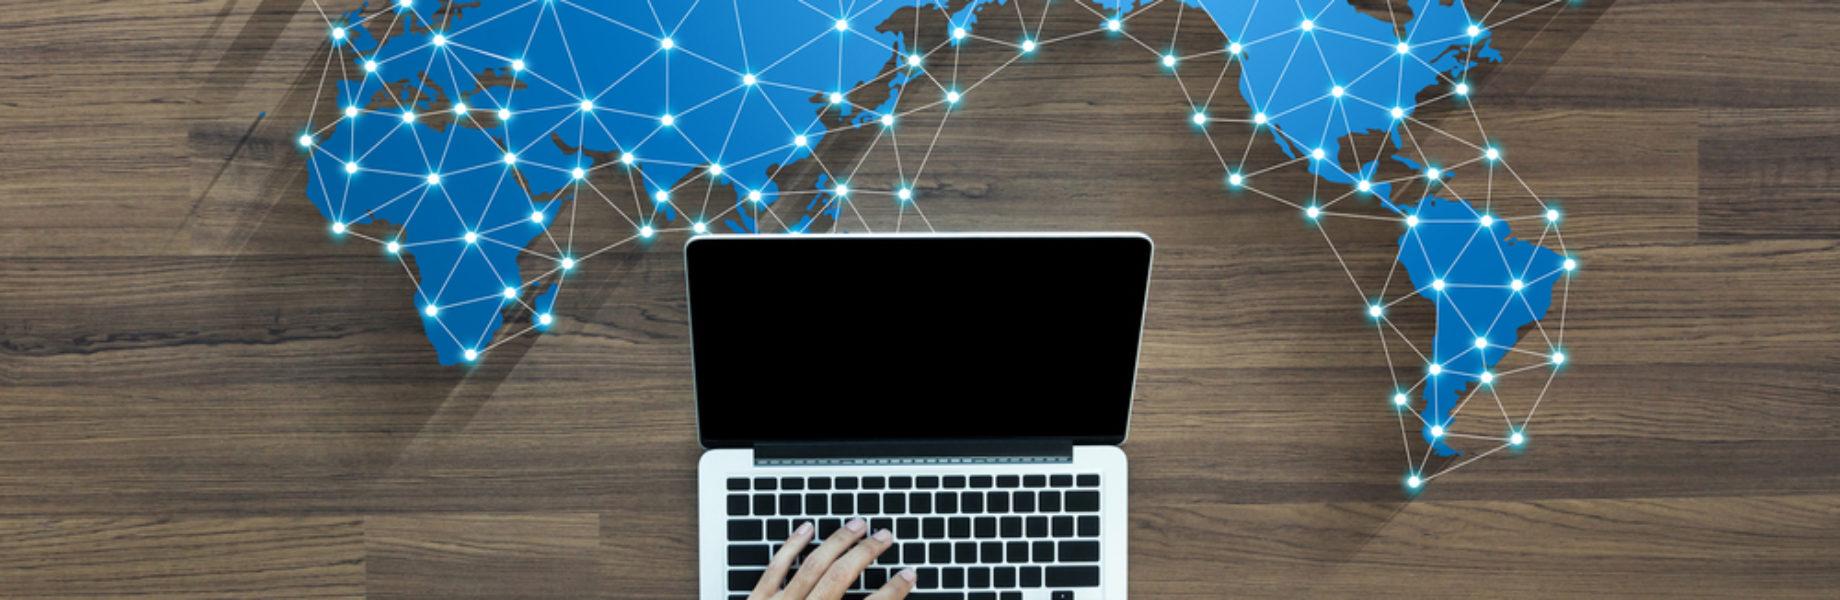 Comment faire connaître son logiciel à l'international gratuitement ?